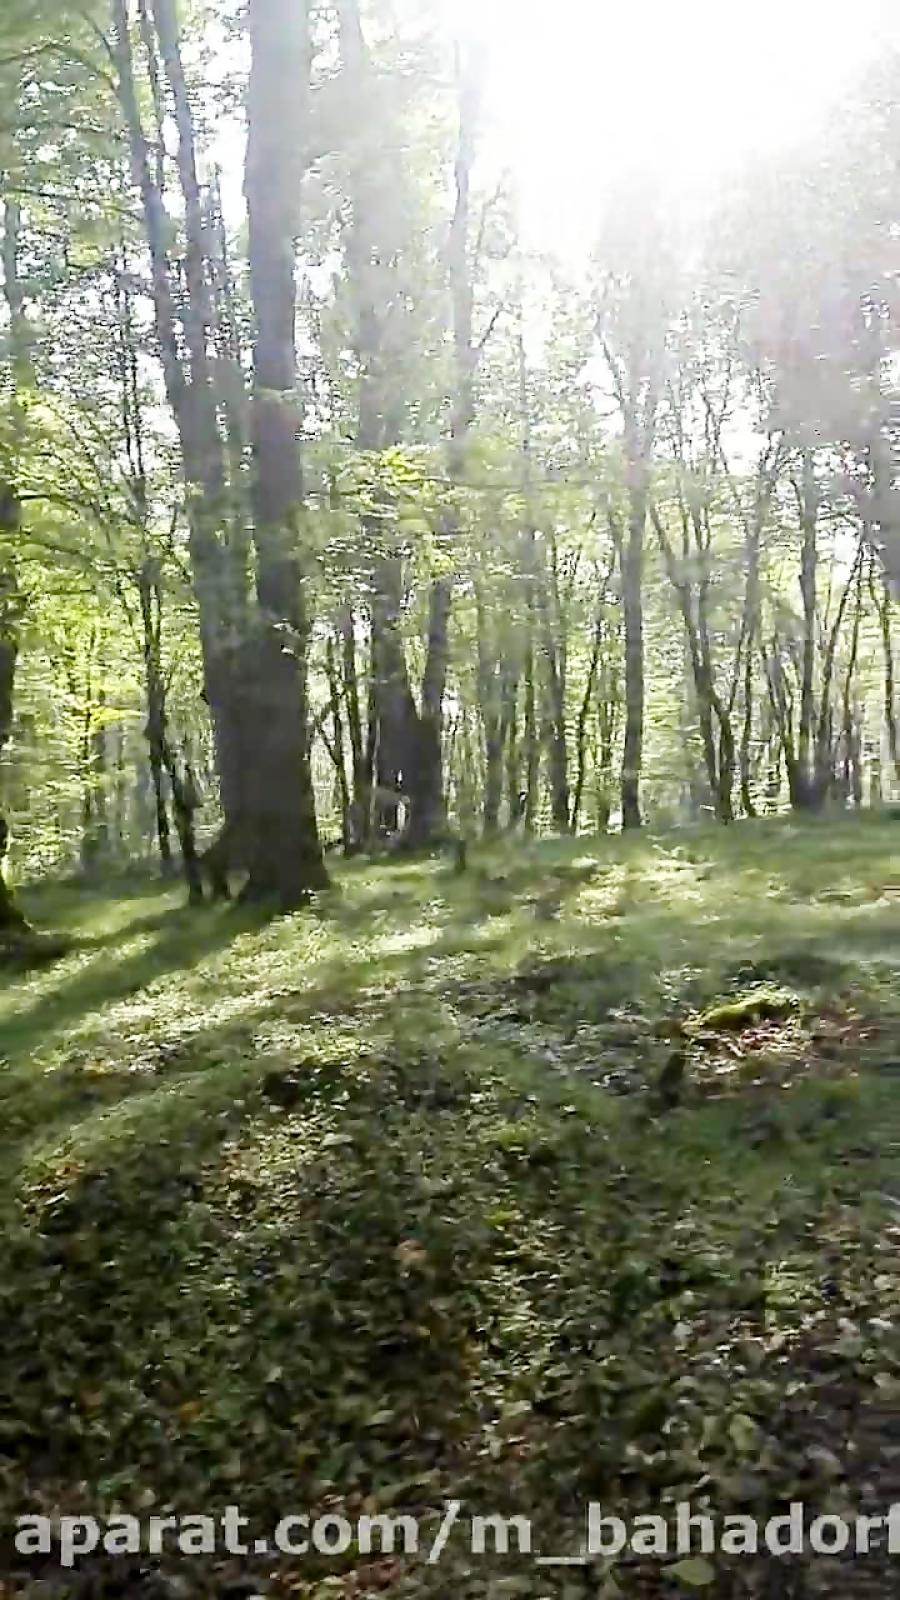 جنگل دریاچه ارواح